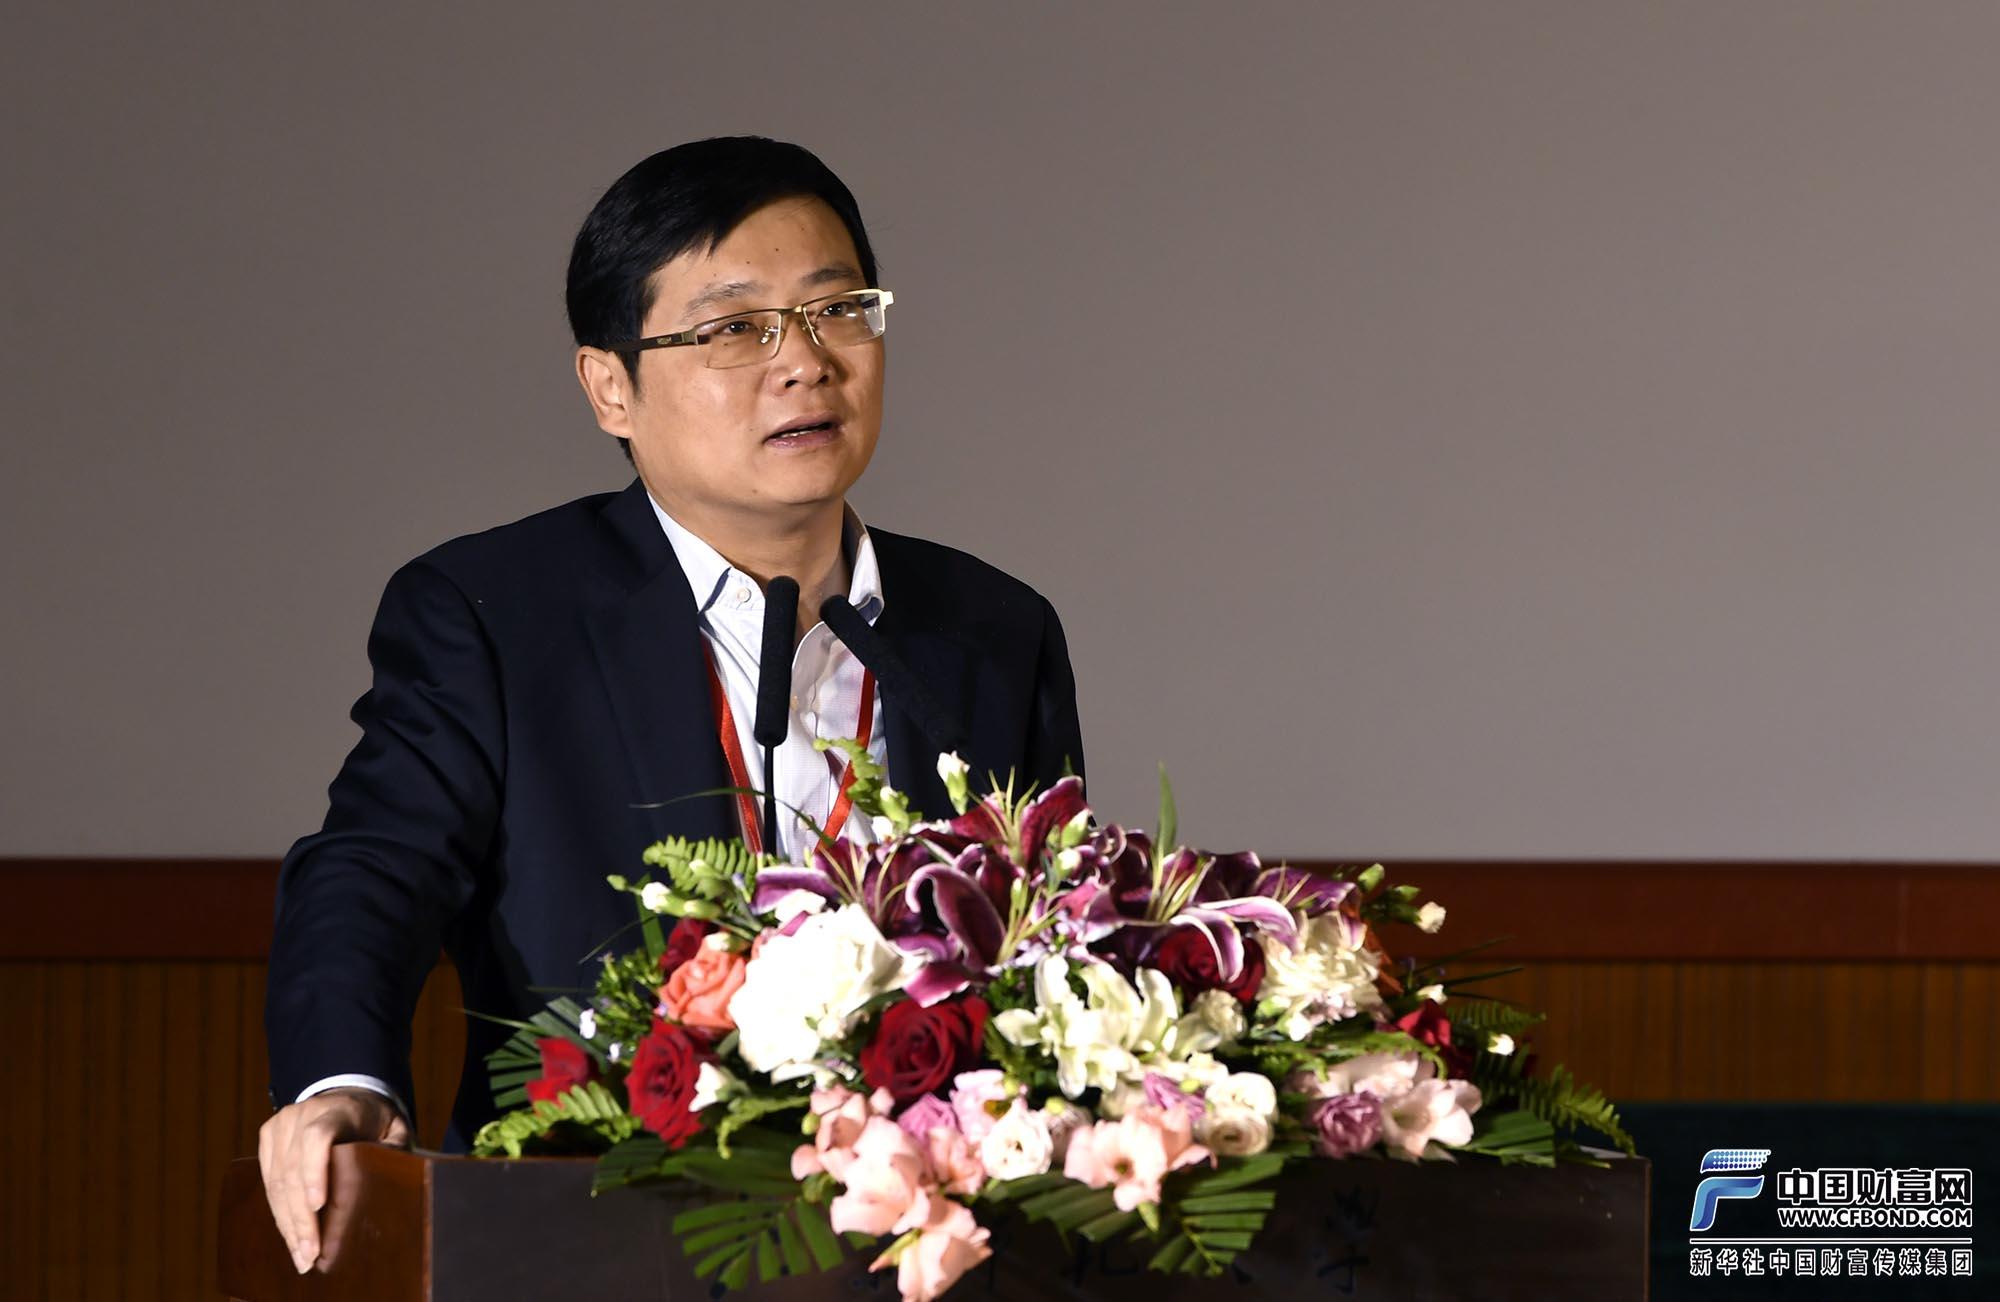 如是金融研究院院长、首席经济学家管清友发表主旨演讲